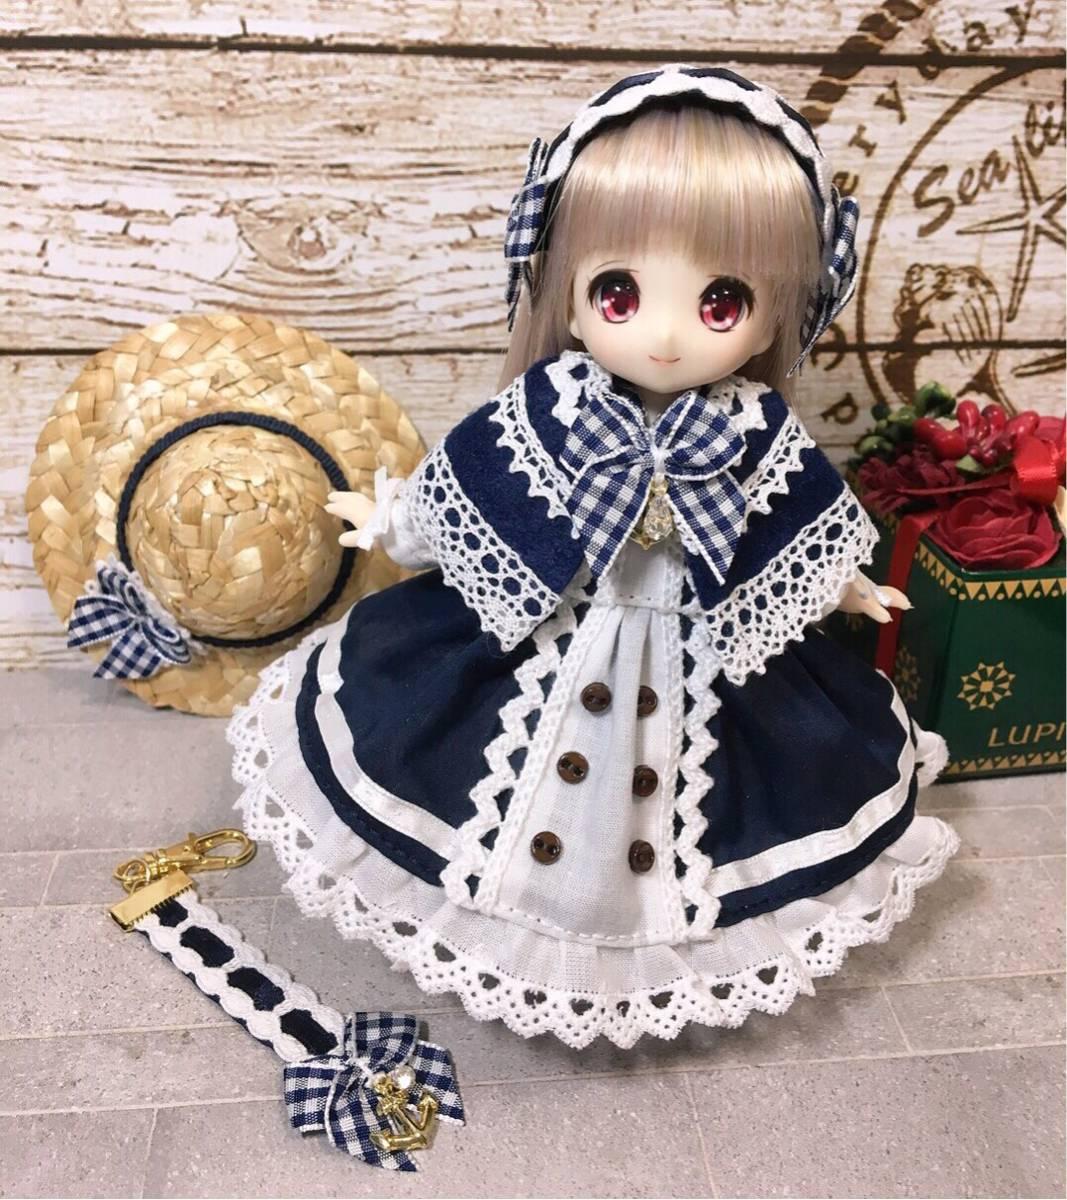 オビツ11用お洋服セット・MO・長袖・マリンsp【桃兎紅茶館】_画像2